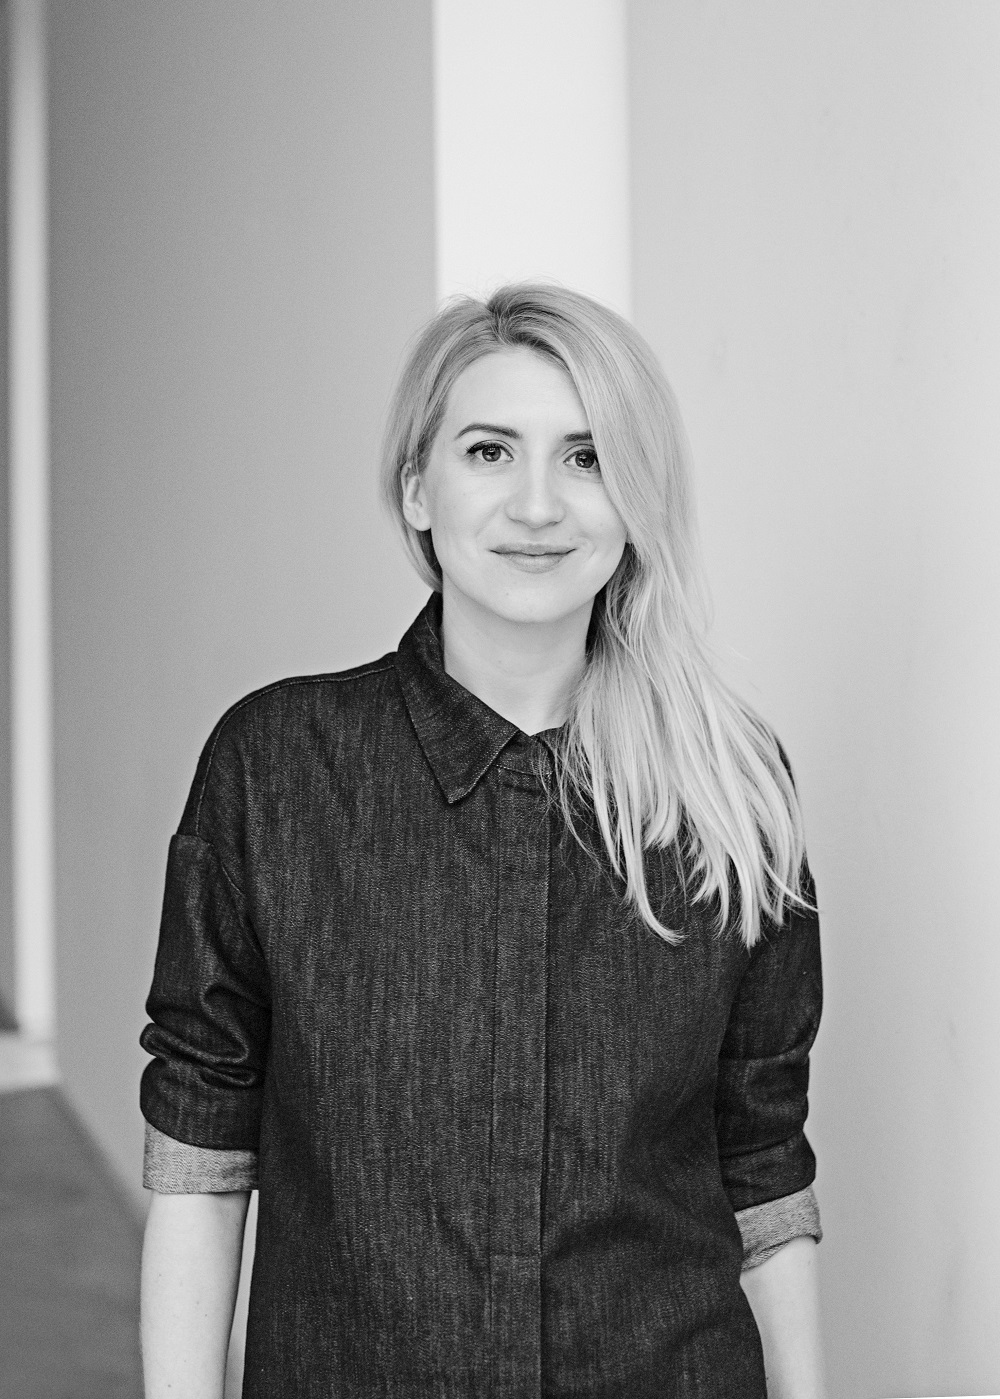 Sandra Yushka kuria minimalistinio stiliaus drabužius, įkvėptus tvarios mados idėjos. Kaip aiškina pati dizainerė, jos kuriami drabužiai yra skirti moterims, kurios kas dieną nori atrodyti stilingai, tačiau jaustis patogiai ir nevaržomai.